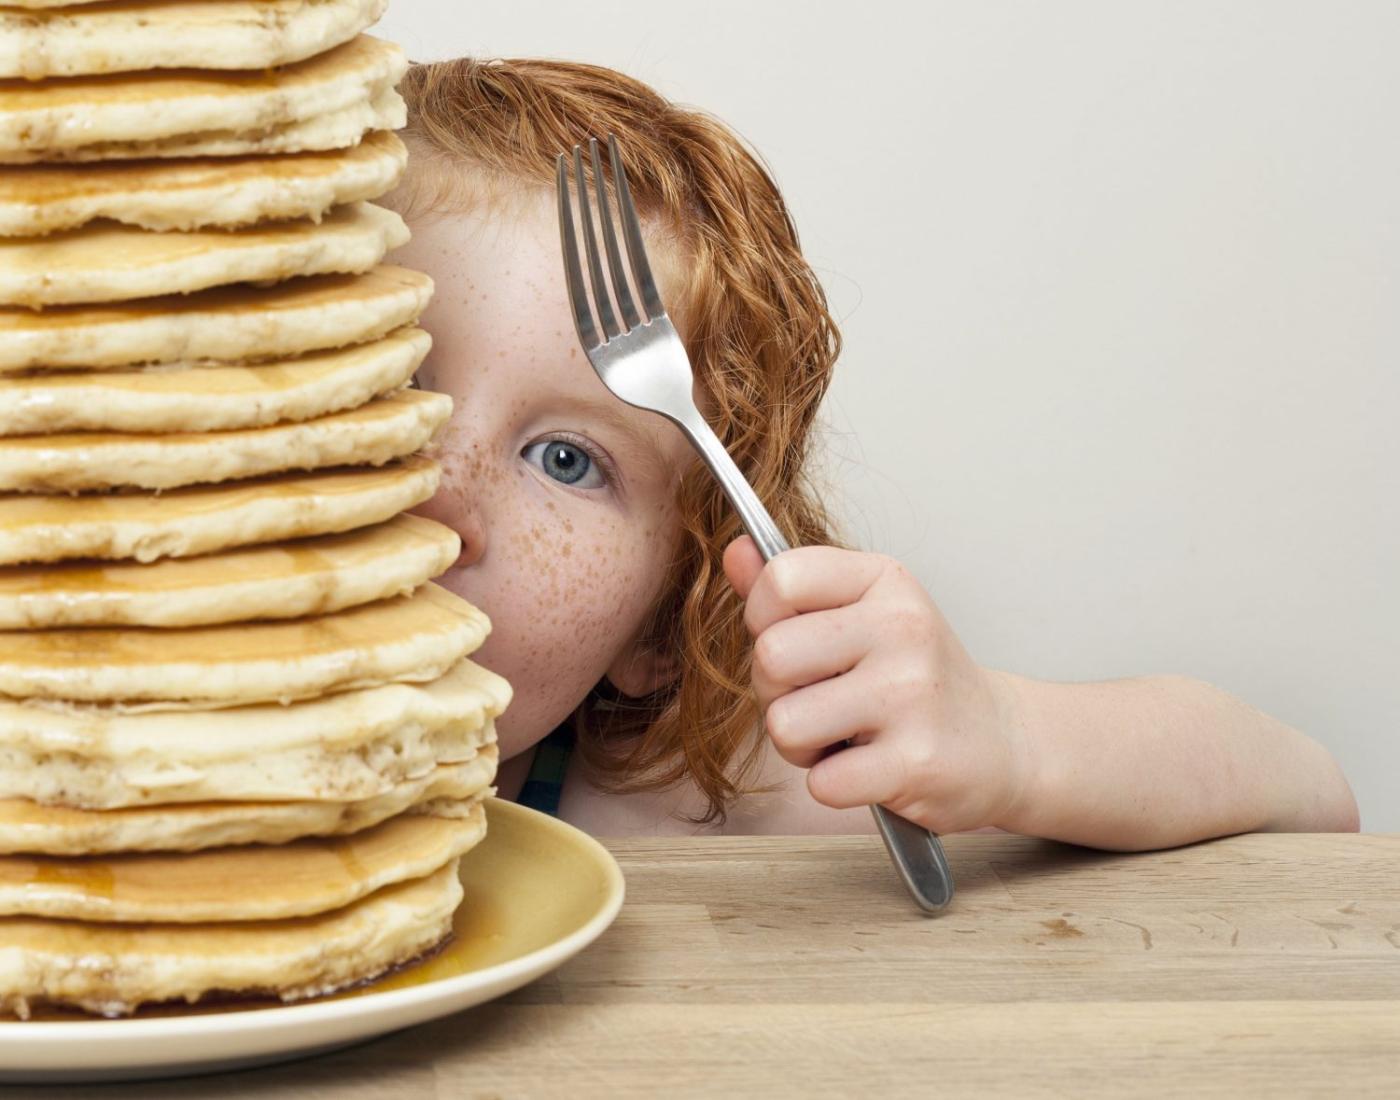 Смешная картинка девочка ест